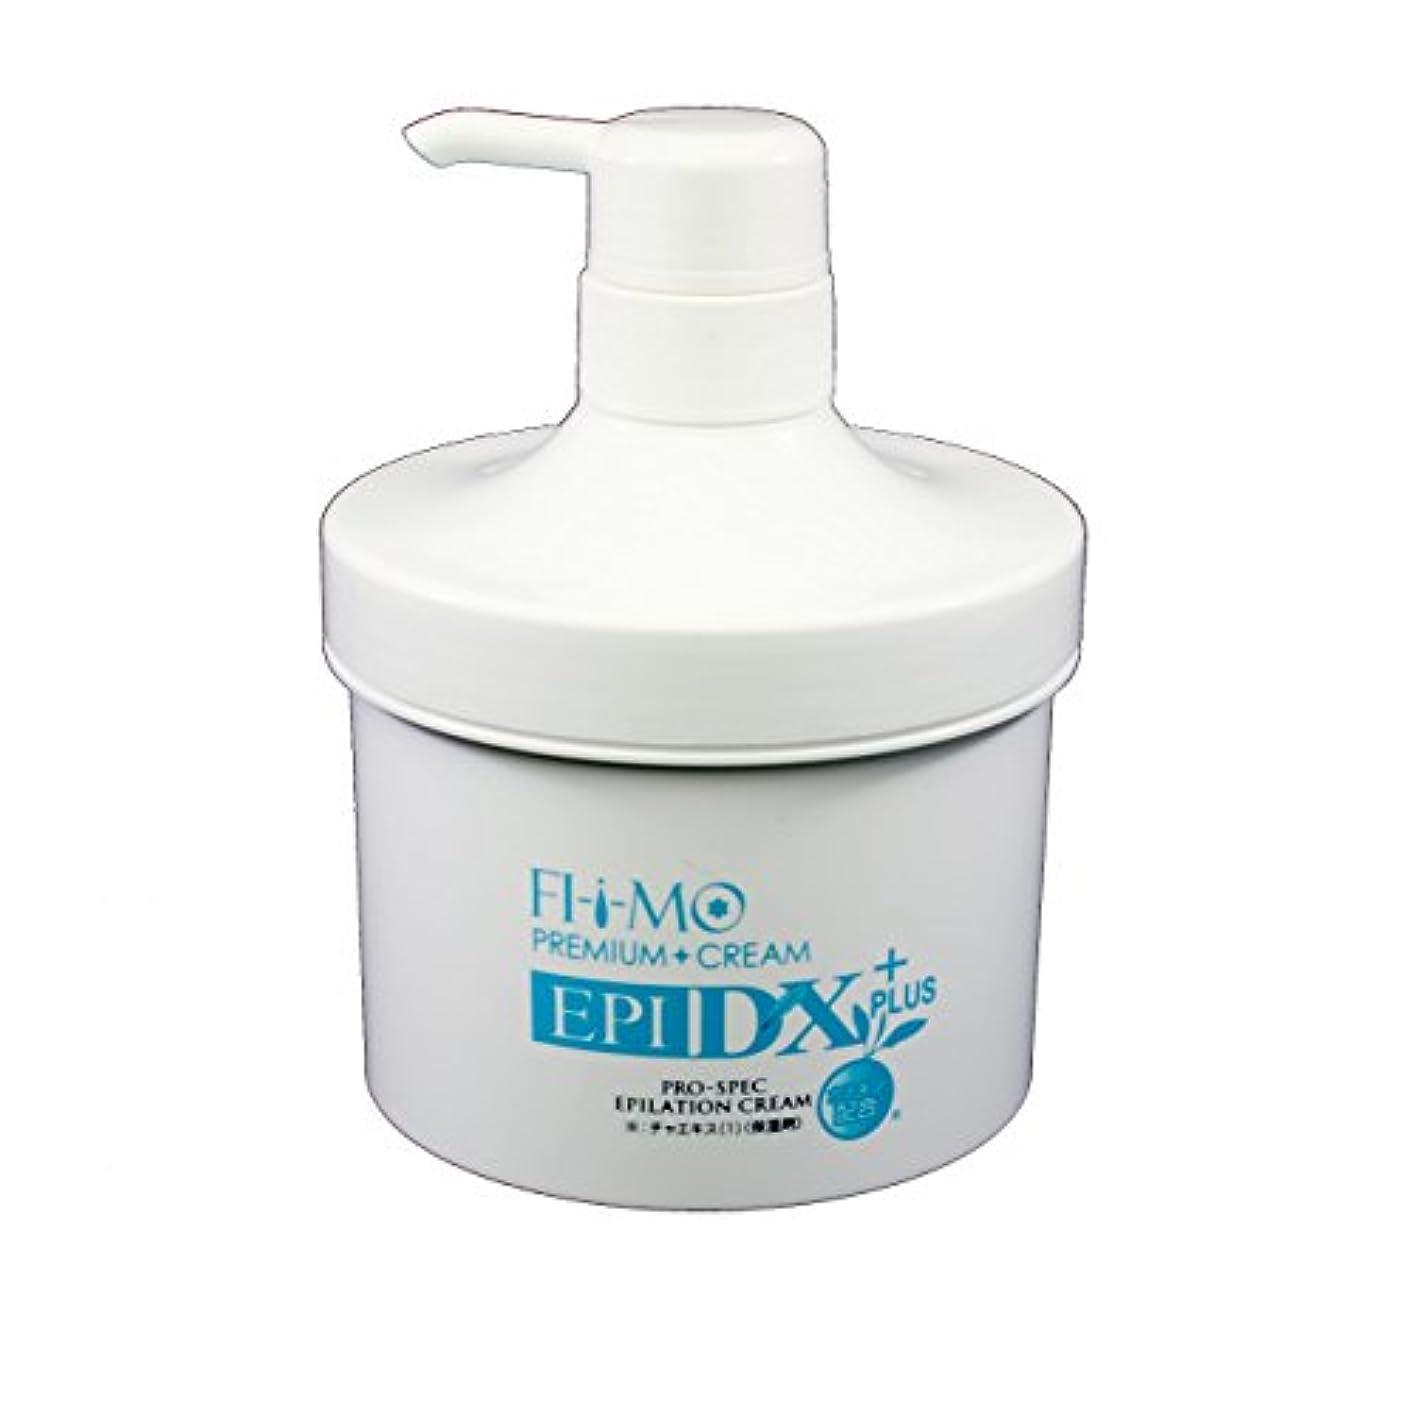 破産差し迫ったサンプル男女兼用除毛クリーム FI-i-MO エピDX PLUS 500g